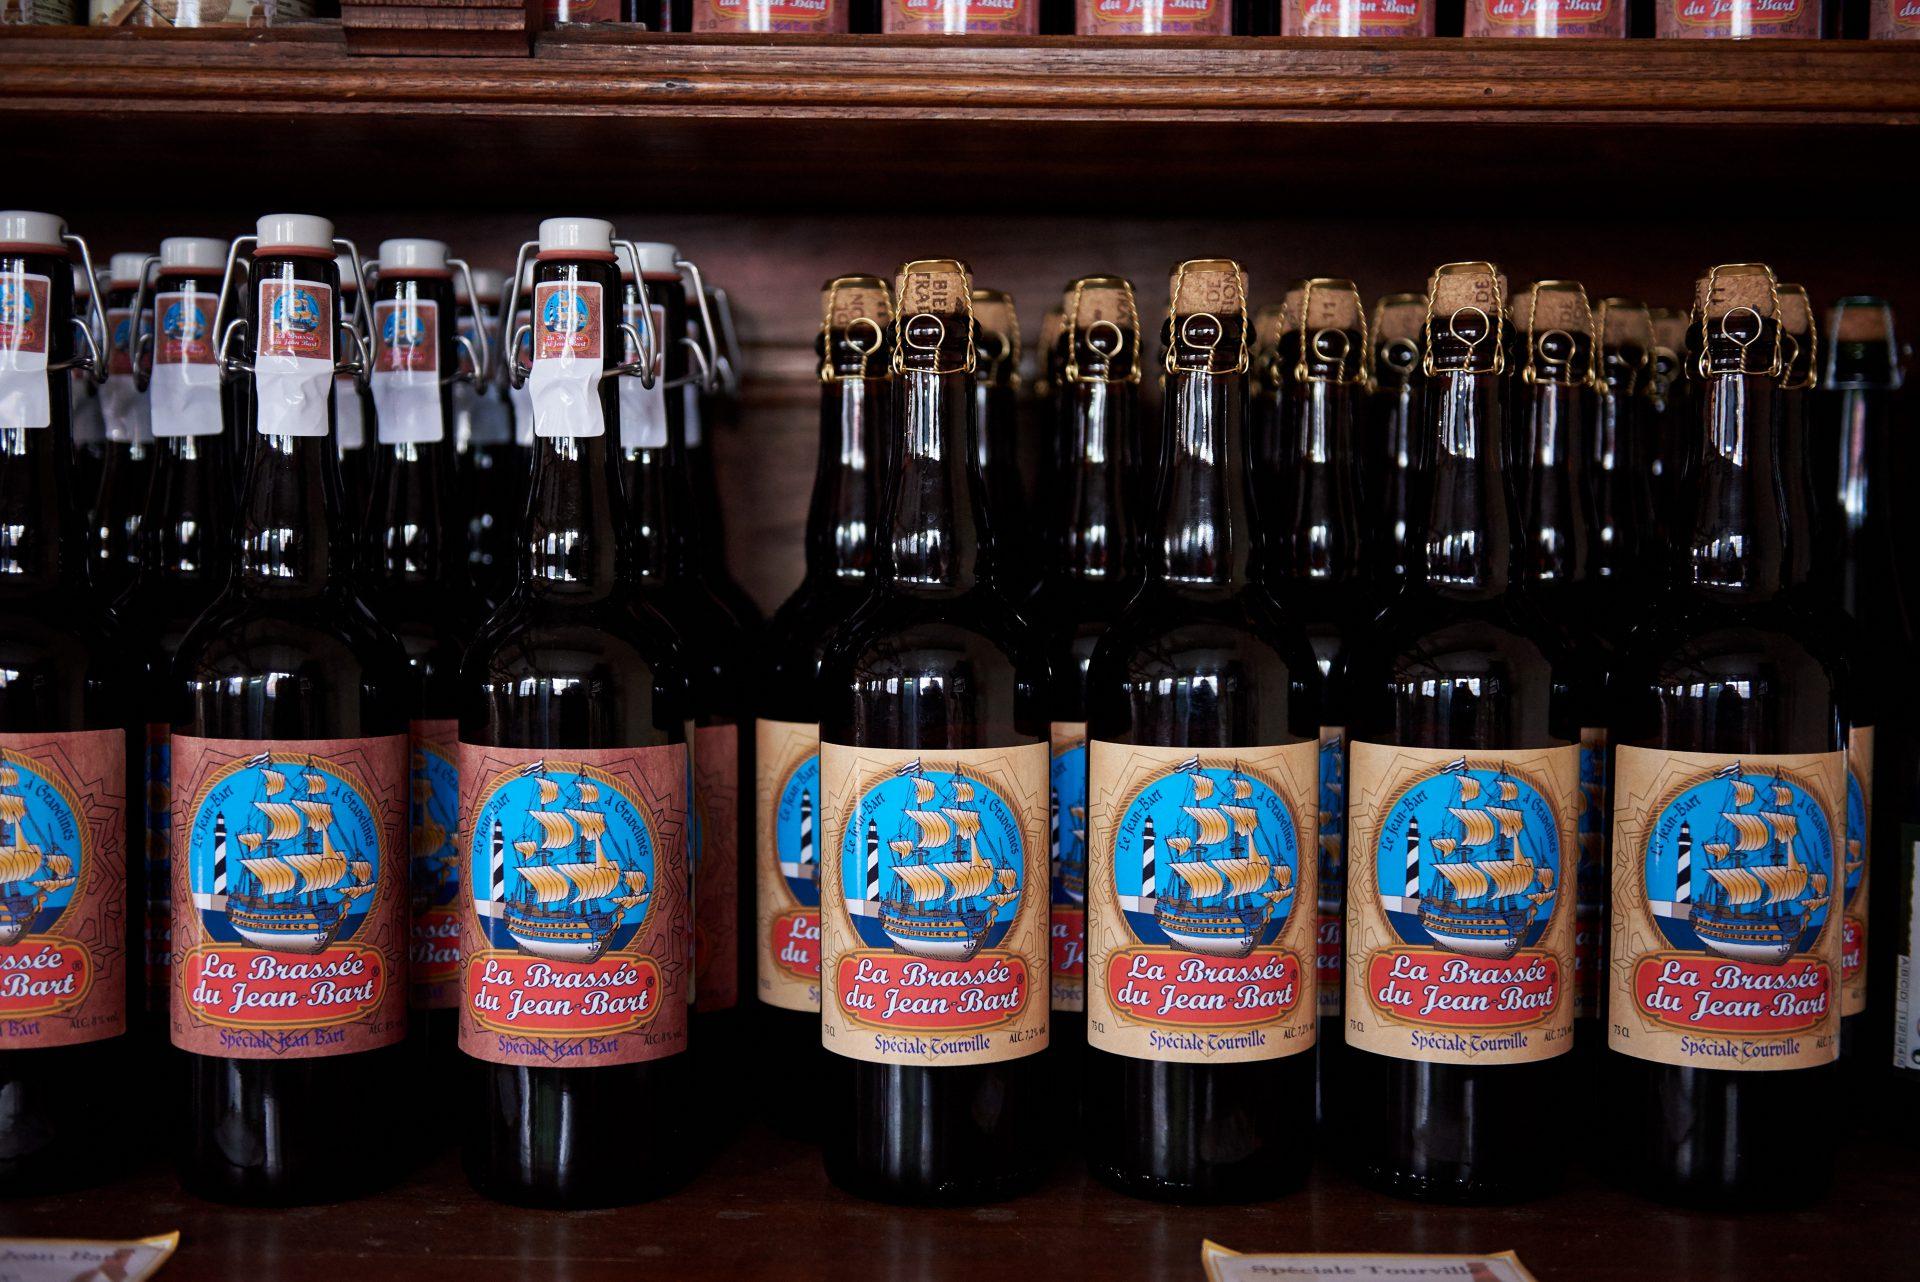 Bière en vente dans la Boutique